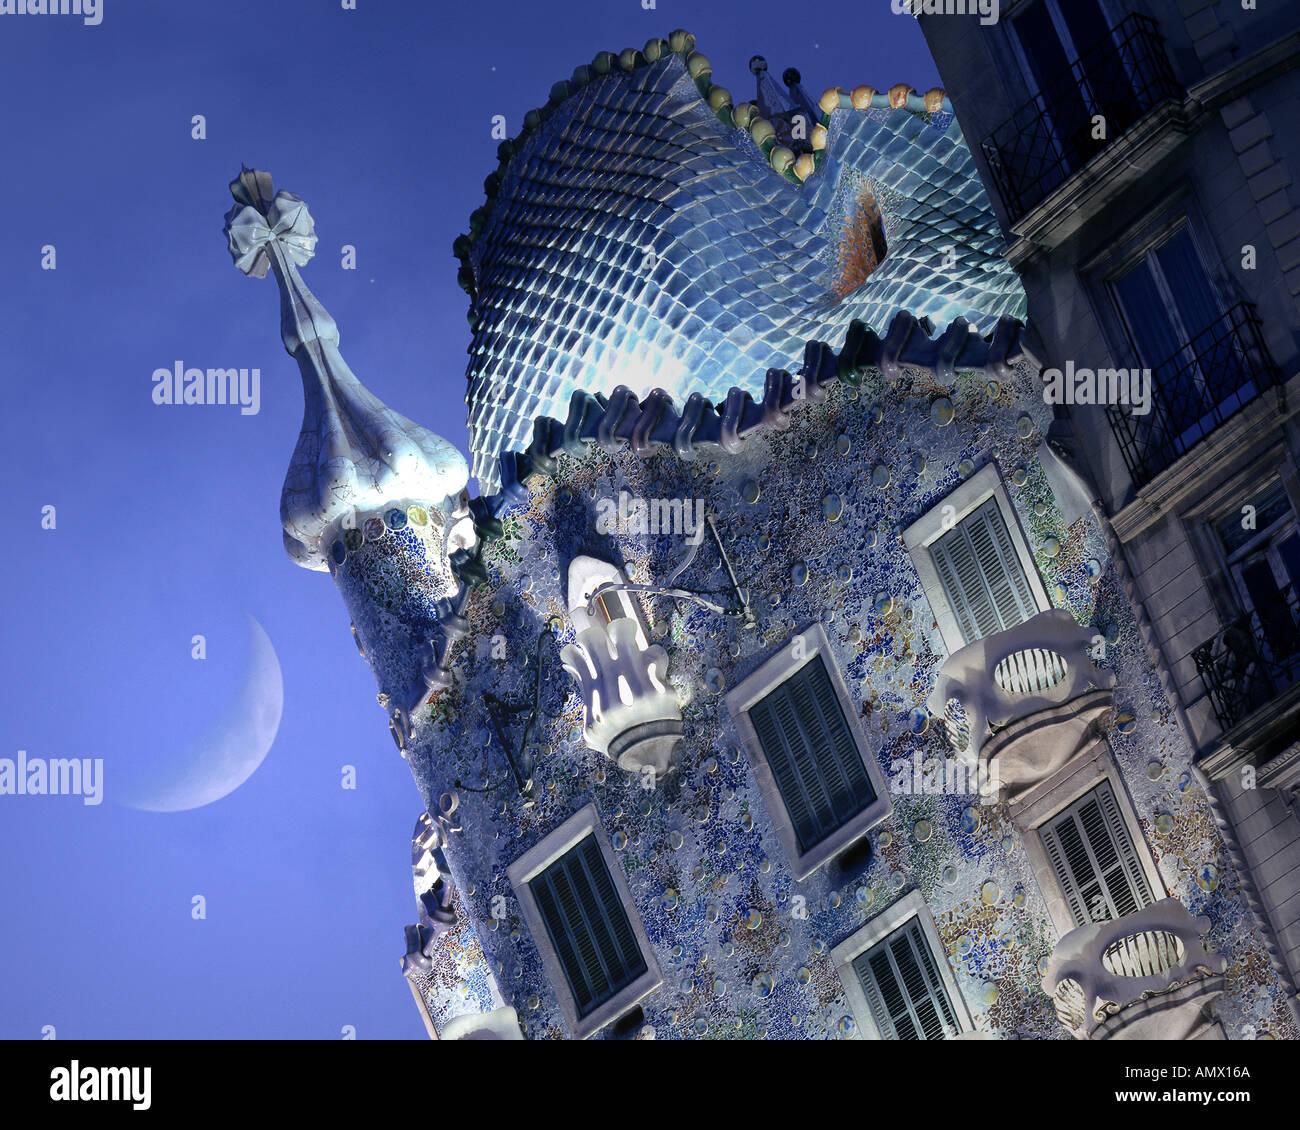 ES - Cataluña: la Casa Batlló de Antoni Gaudí en Barcelona Imagen De Stock